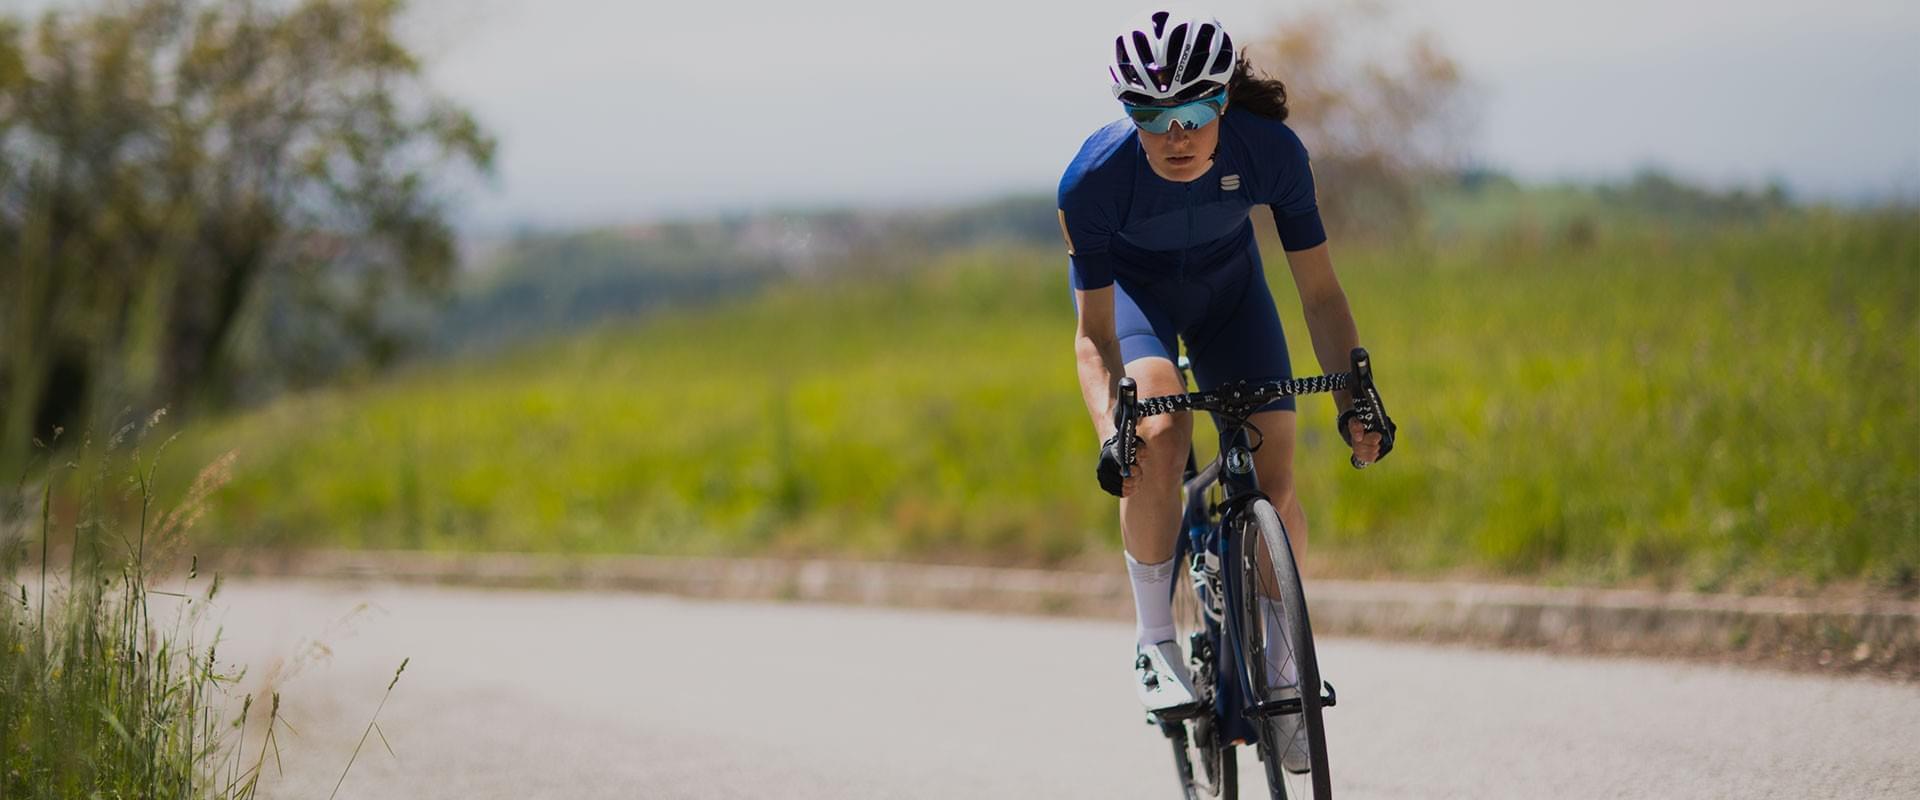 Scopri tutte le offerte dedicate all'abbigliamento ciclismo strada e MTB